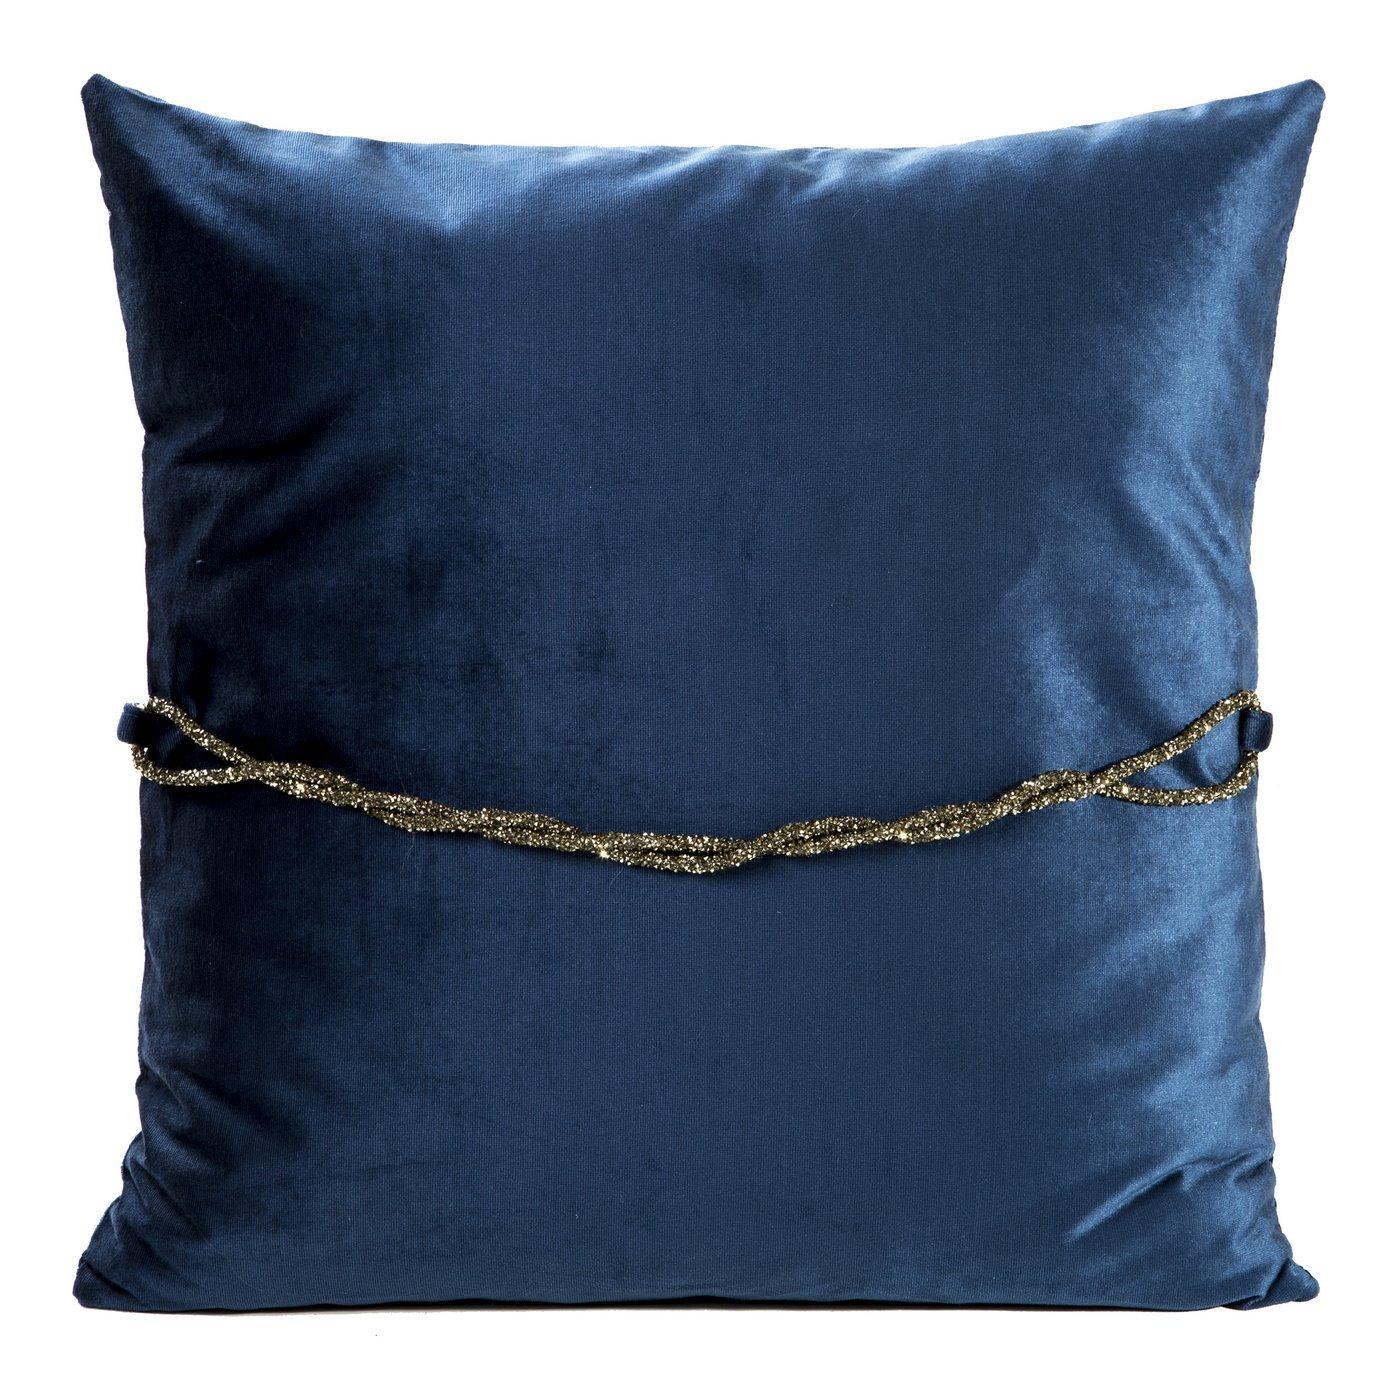 Poszewka na poduszkę 45 x 45 cm granatowa ze srebrnym paskiem